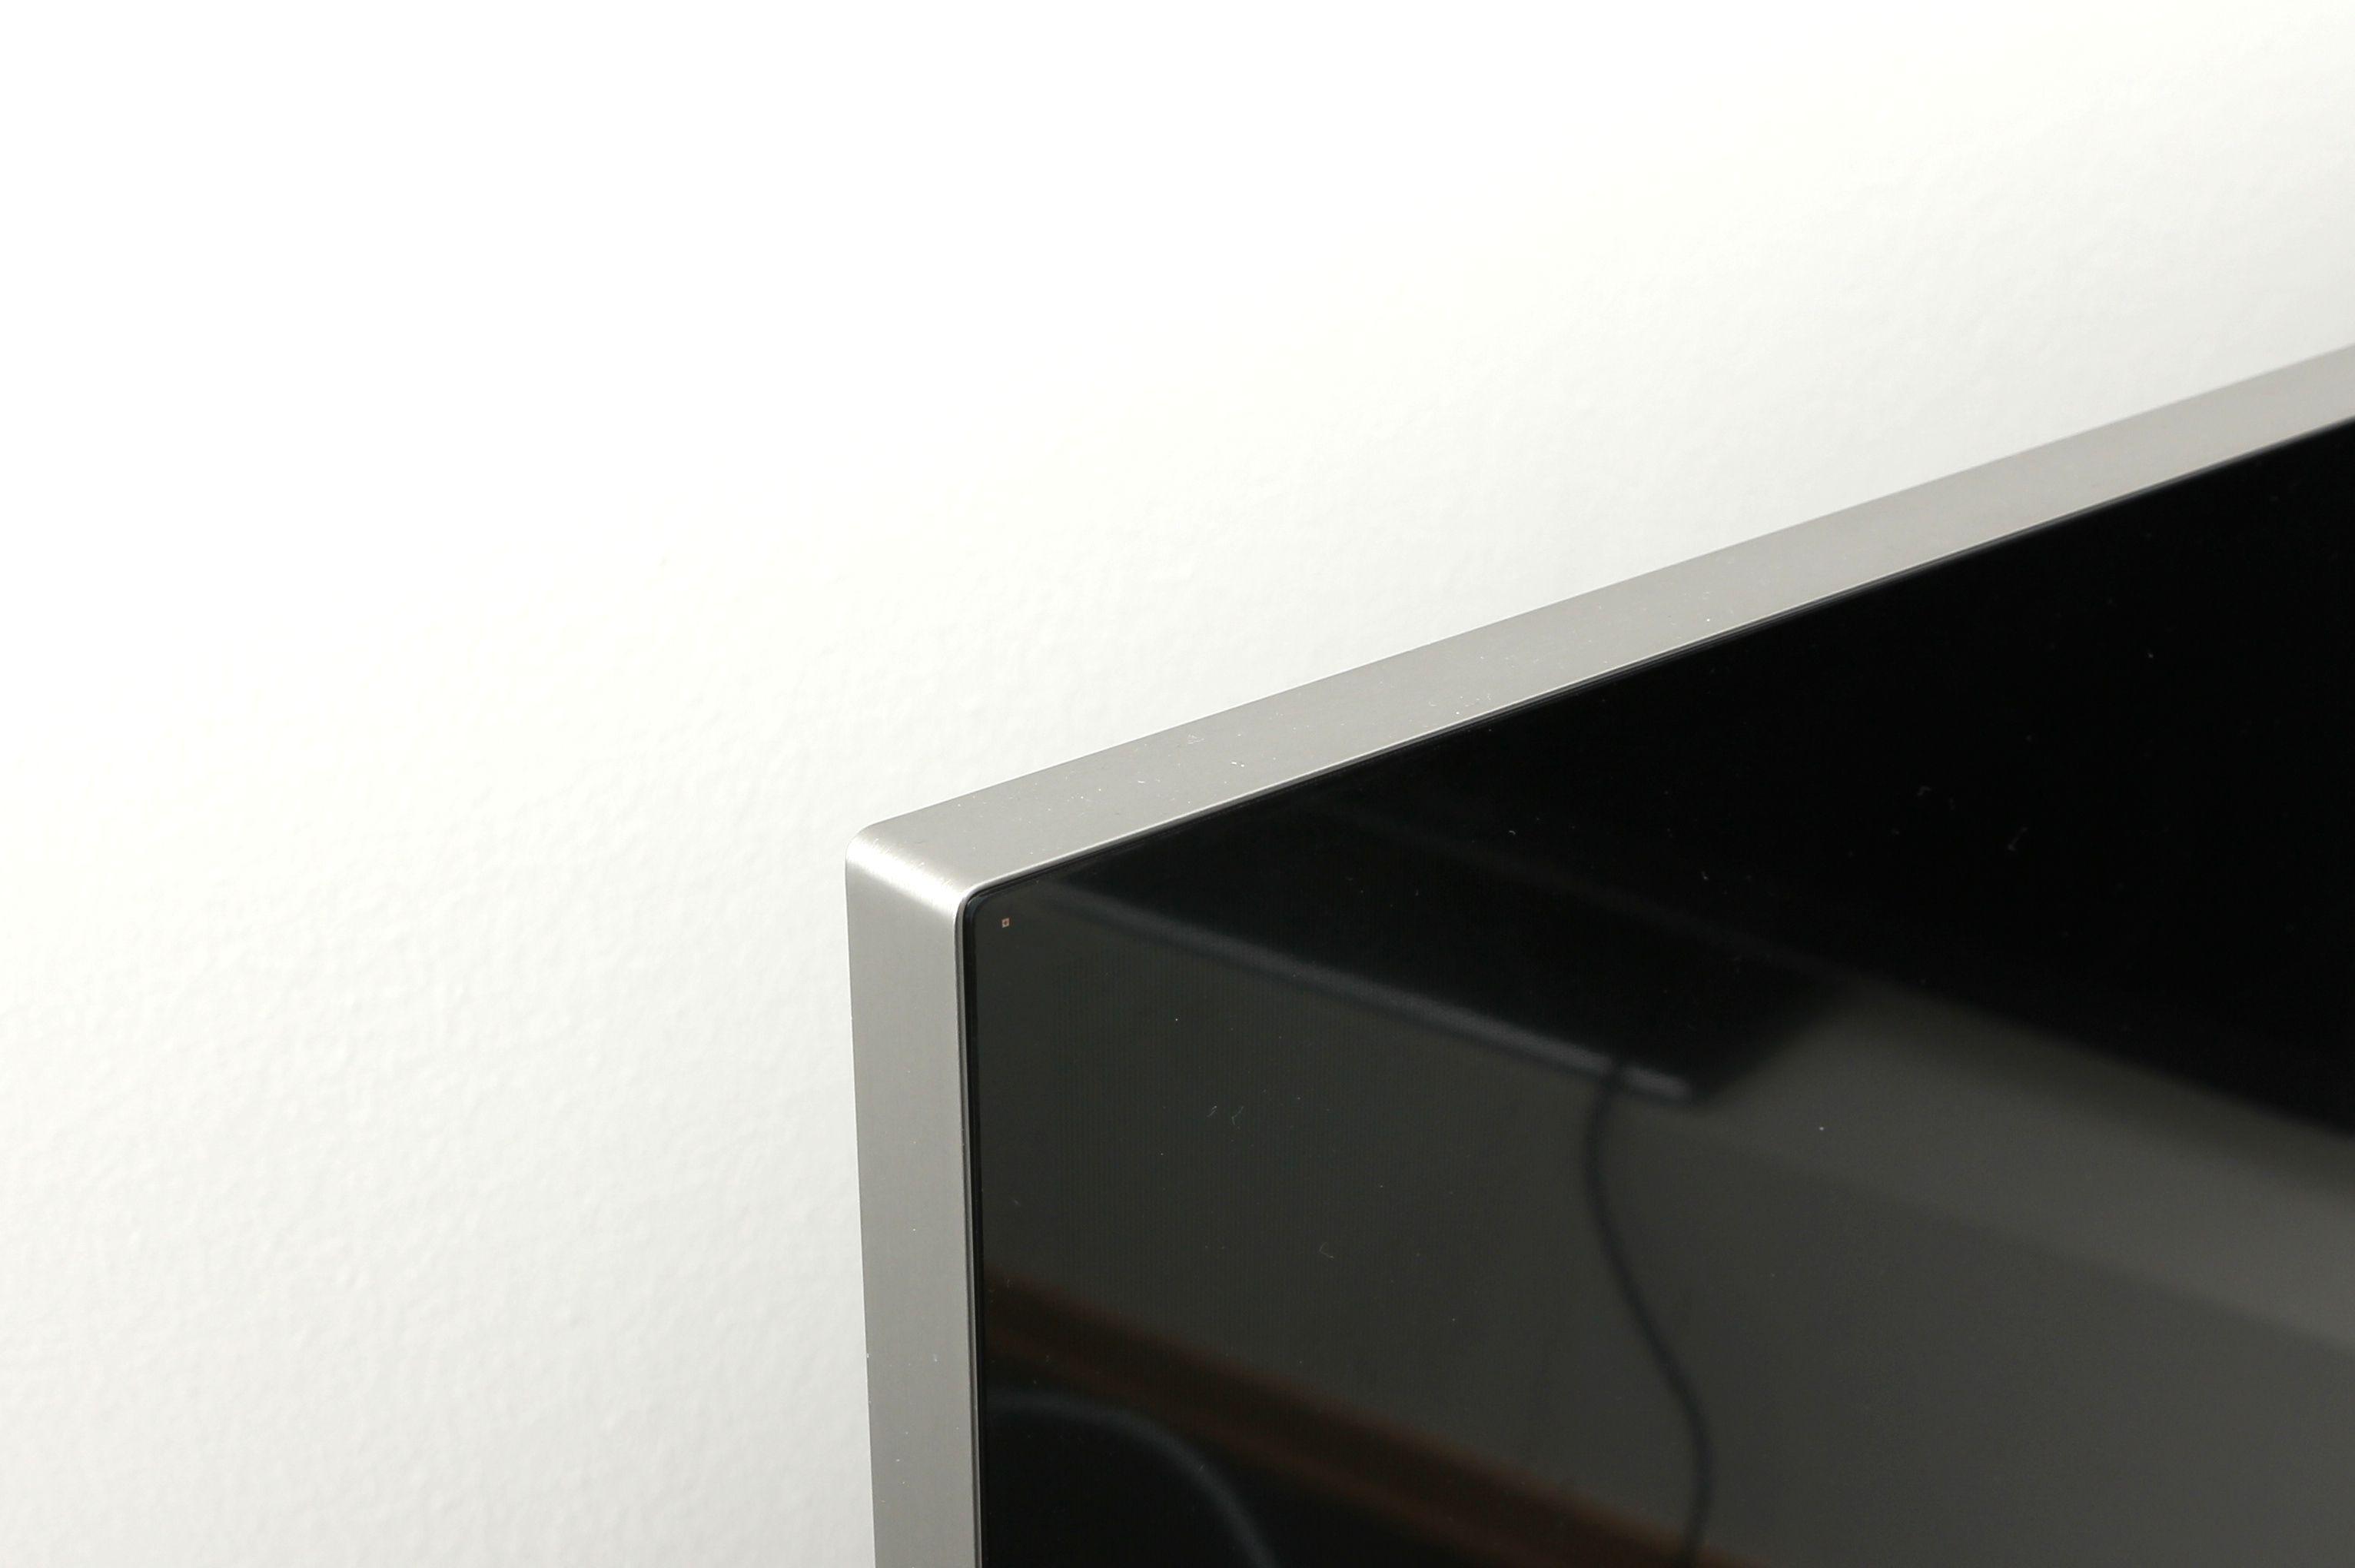 Ikke stor ramme på denne TV-en.Foto: Roy Arne Christiansen, Hardware.no